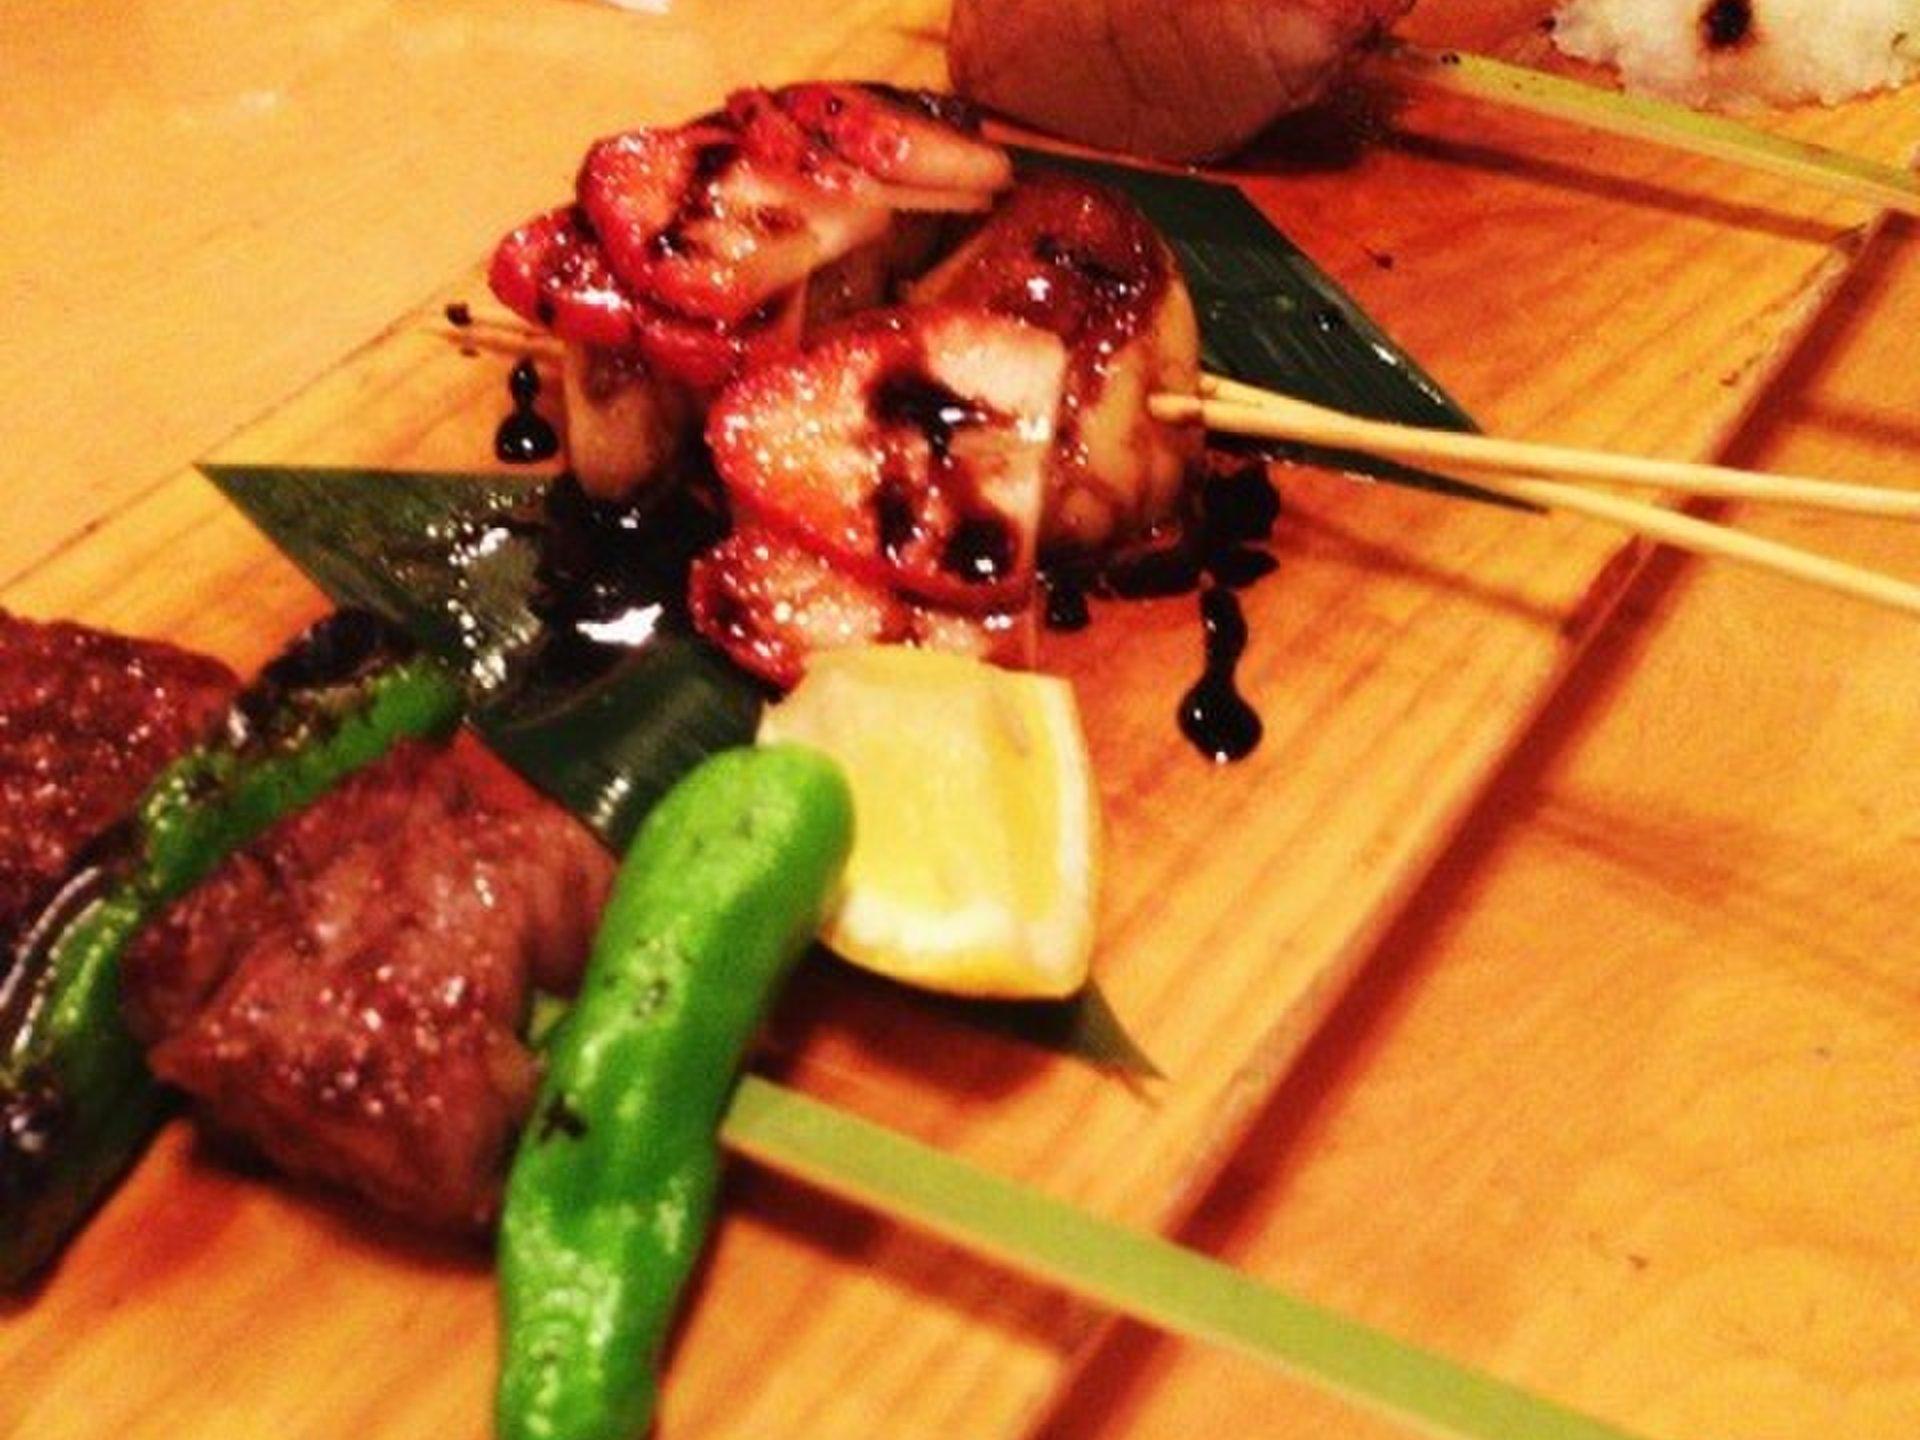 【渋谷マークシティから徒歩1分】夜景&本格派伝統和食料理を堪能し、隠れ家バーへ。【デート向け】